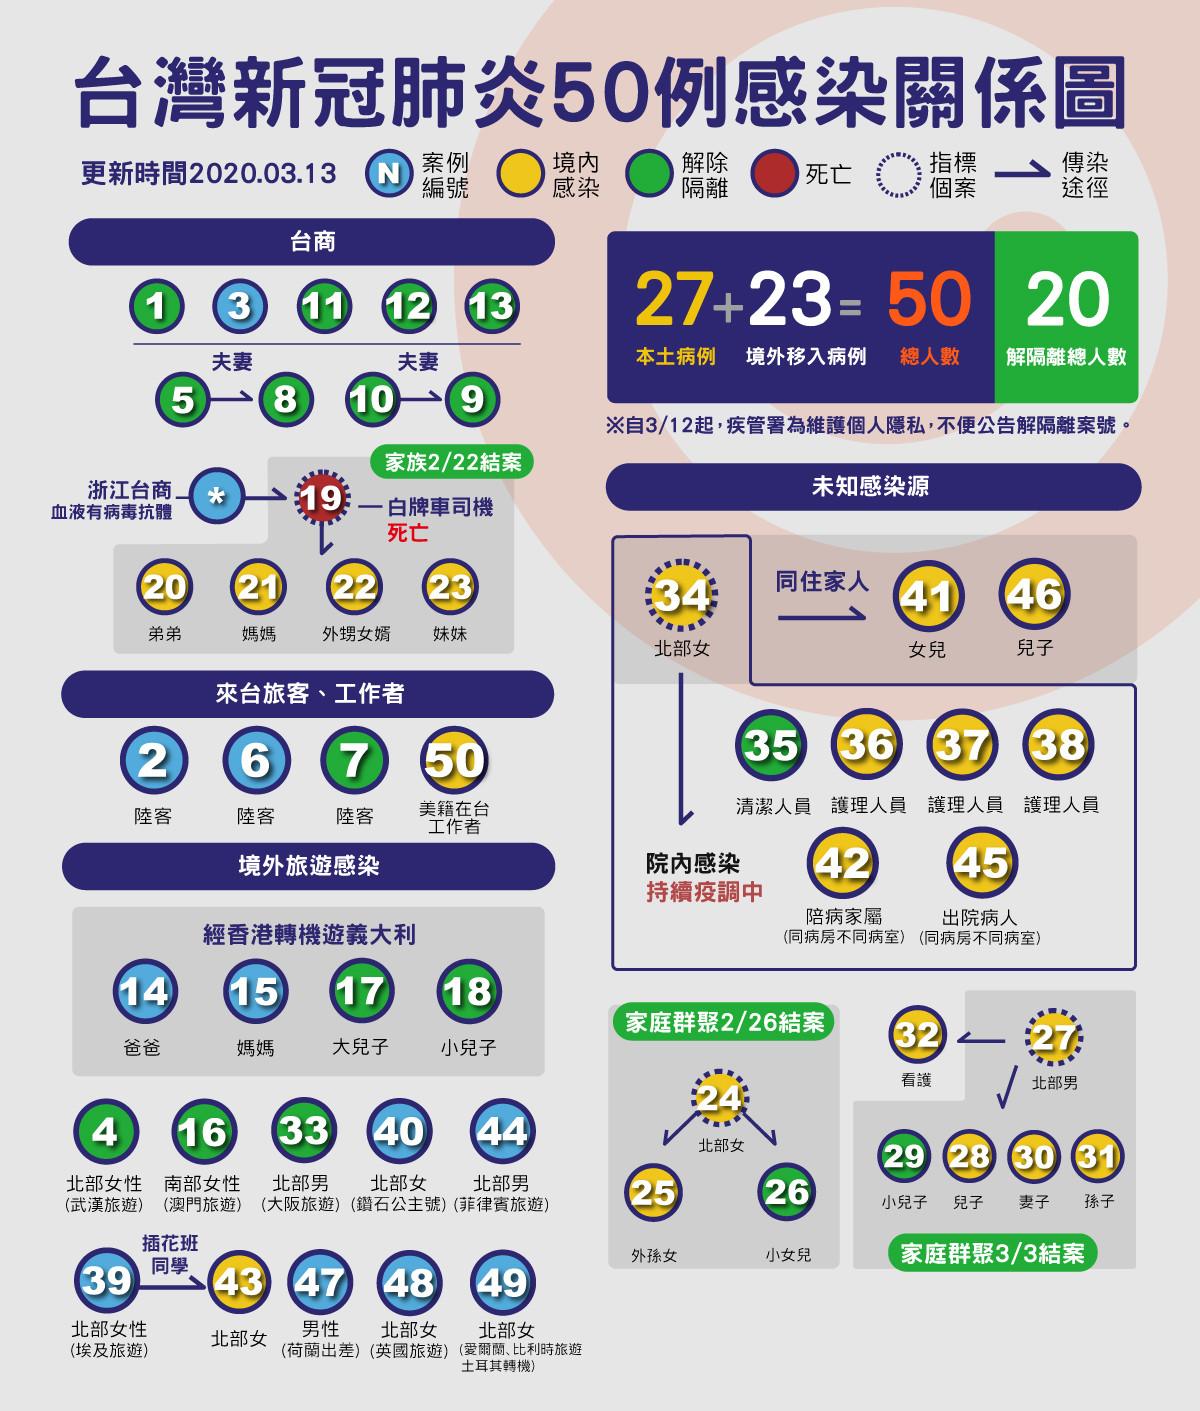 ▲▼50,肺炎,關係圖,地圖( 圖/曾梓倩製)